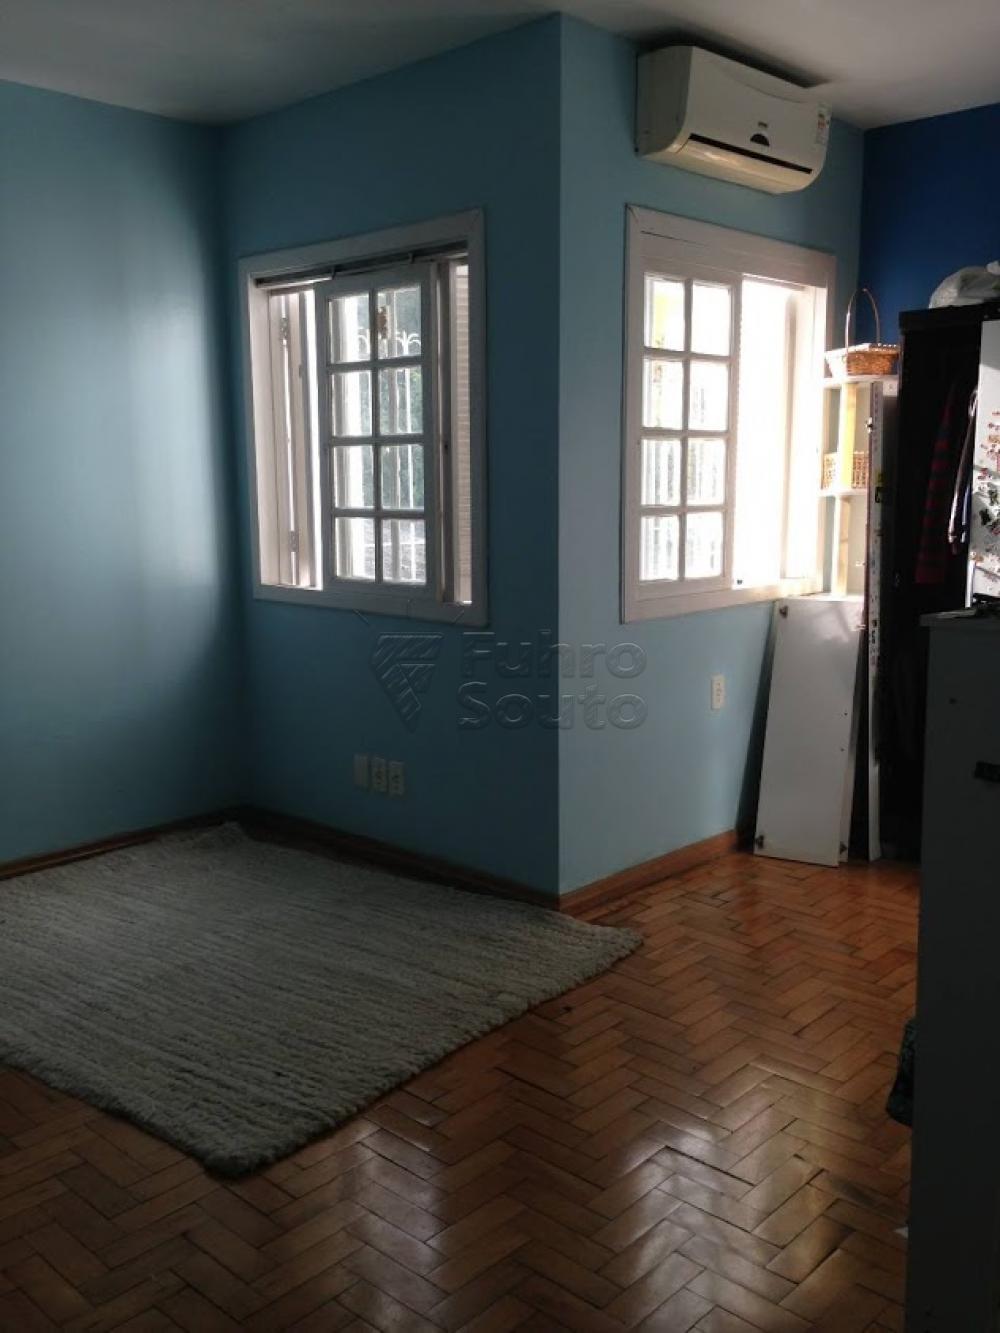 Comprar Casa / Padrão em Pelotas R$ 398.000,00 - Foto 3